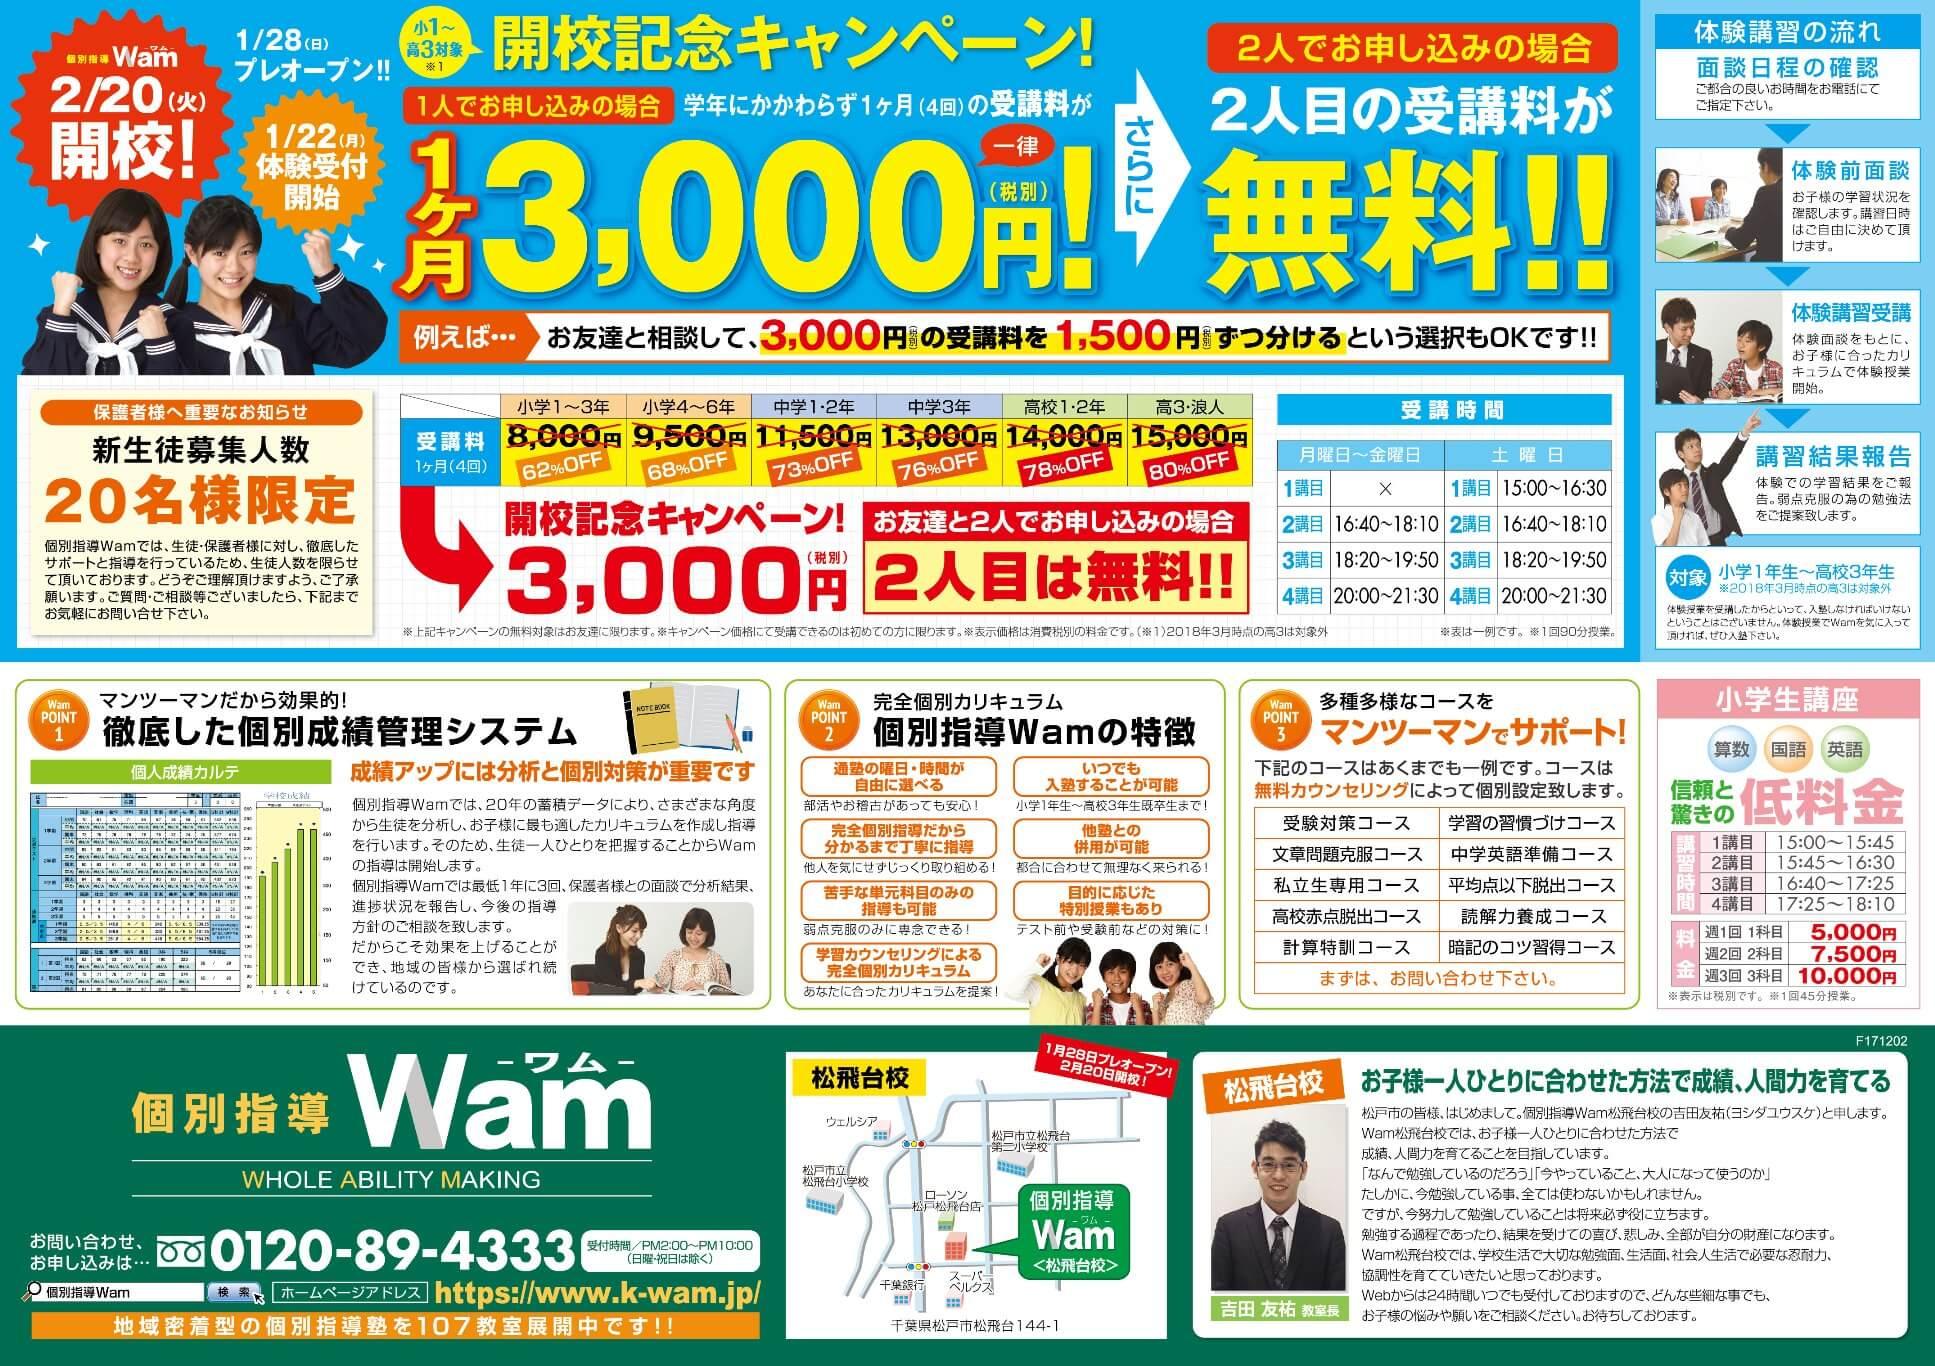 松飛台校 2018年1月28日(日) プレオープン・ウラ面